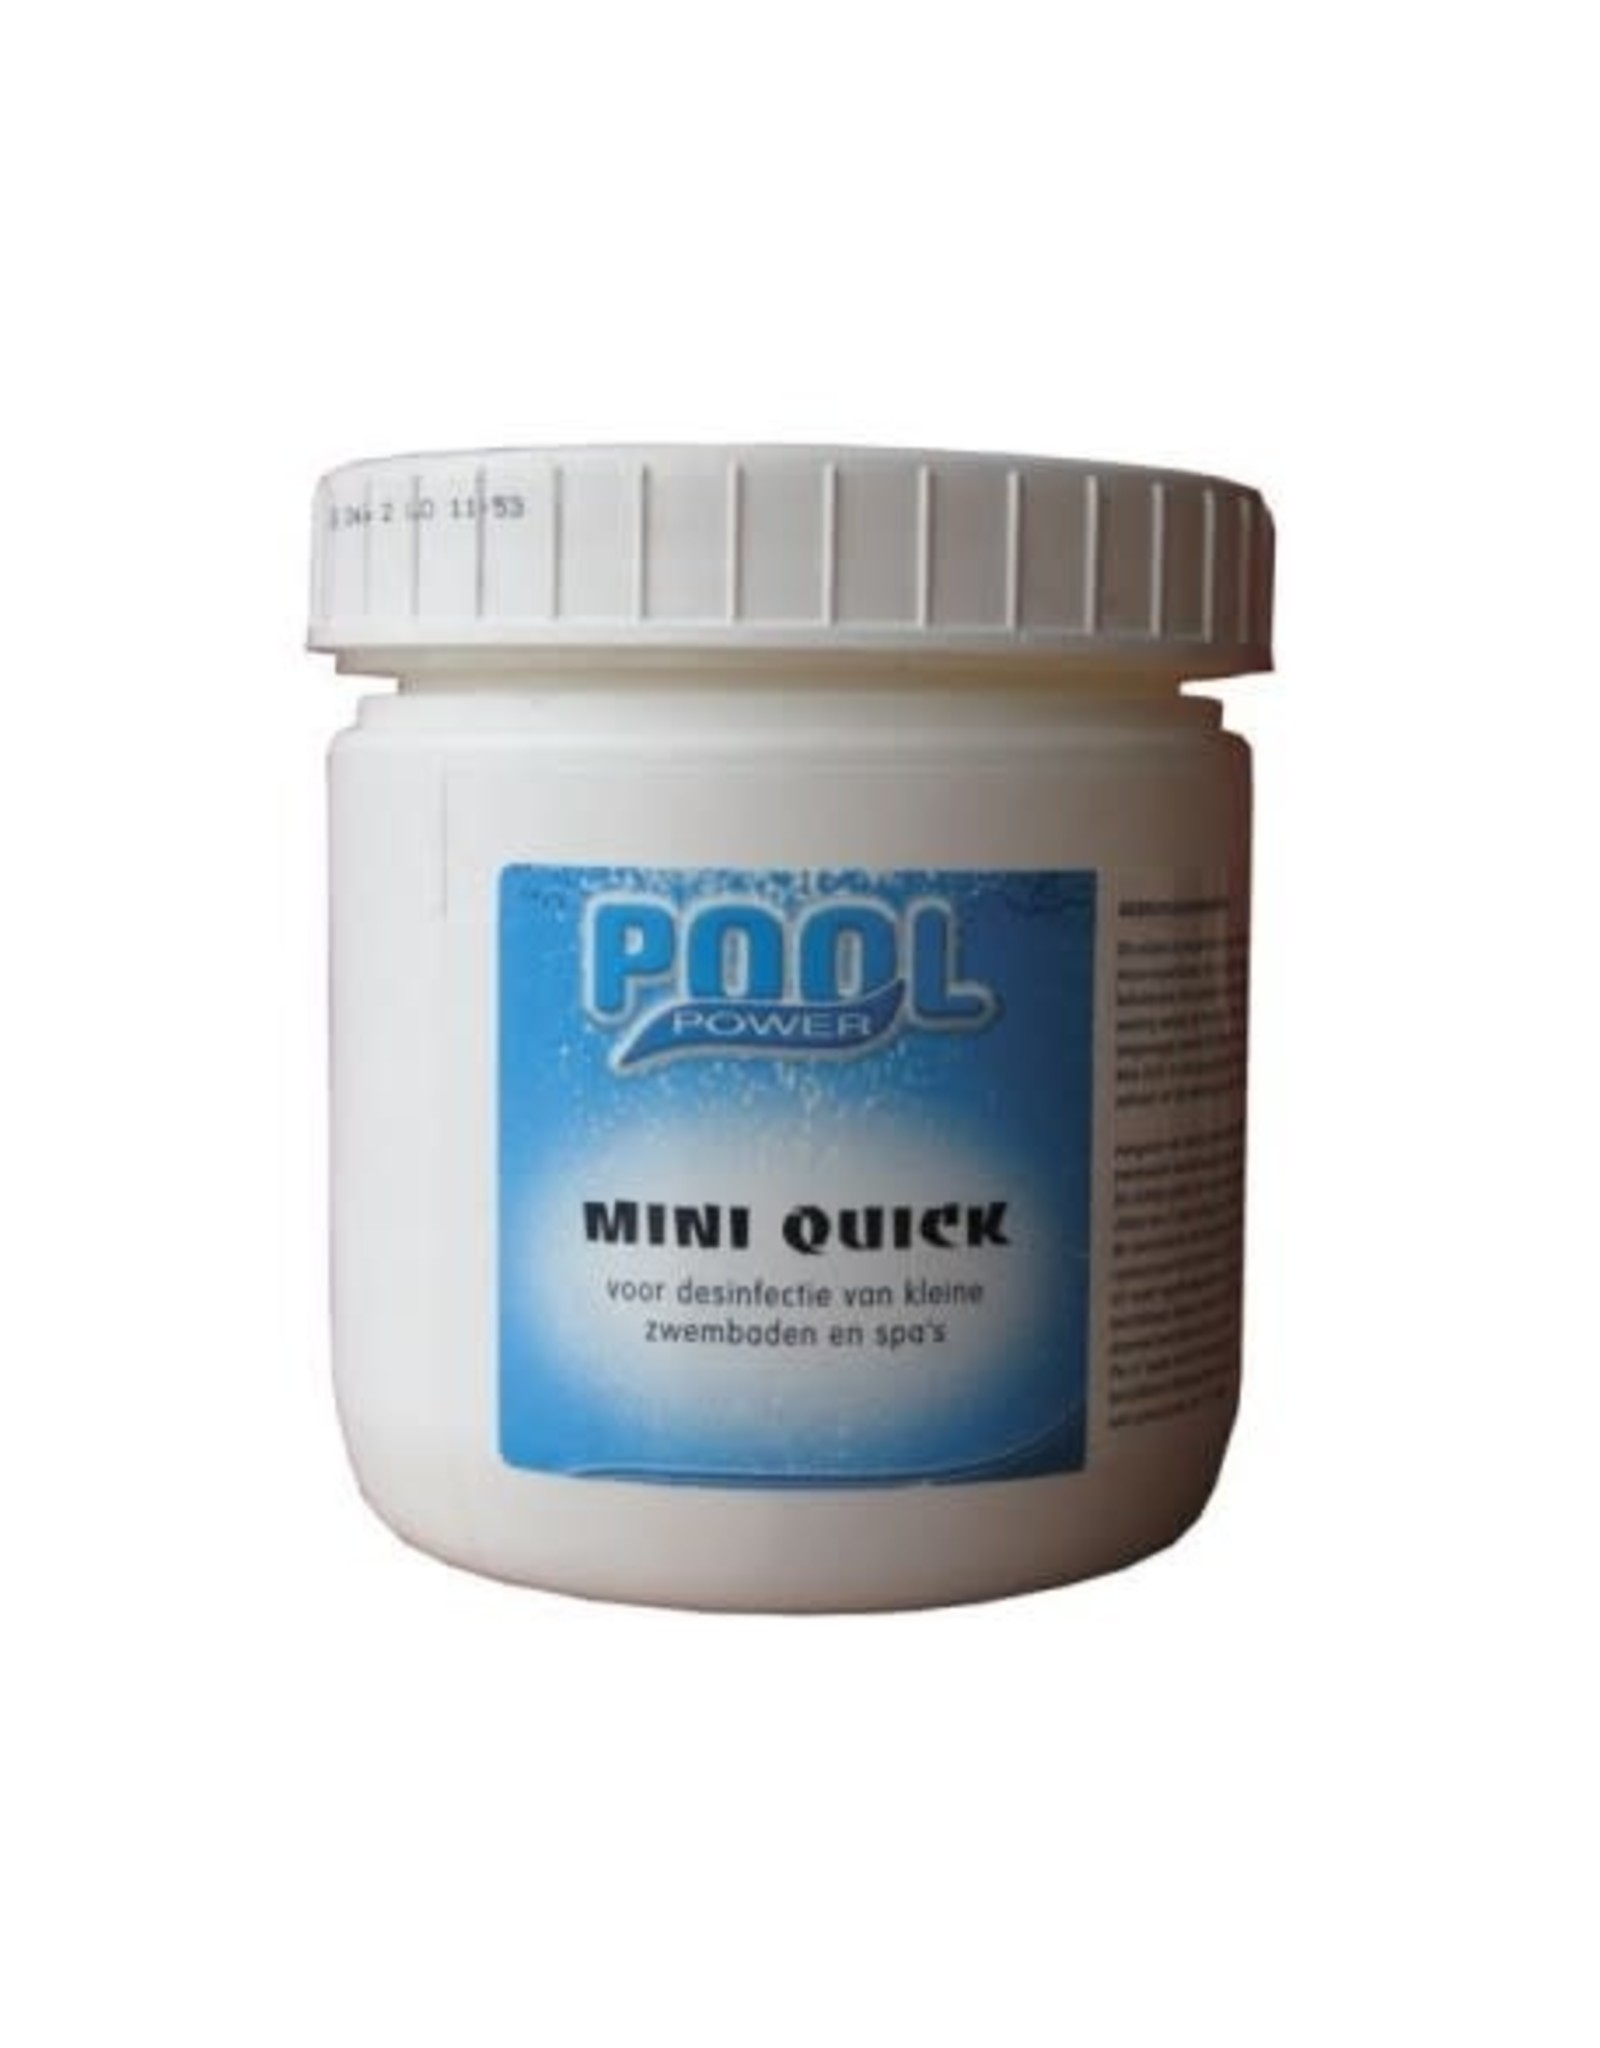 INTERLINE Chloortabletten Pool Power 180 mini tabletten Quick - Snel oplosbaar